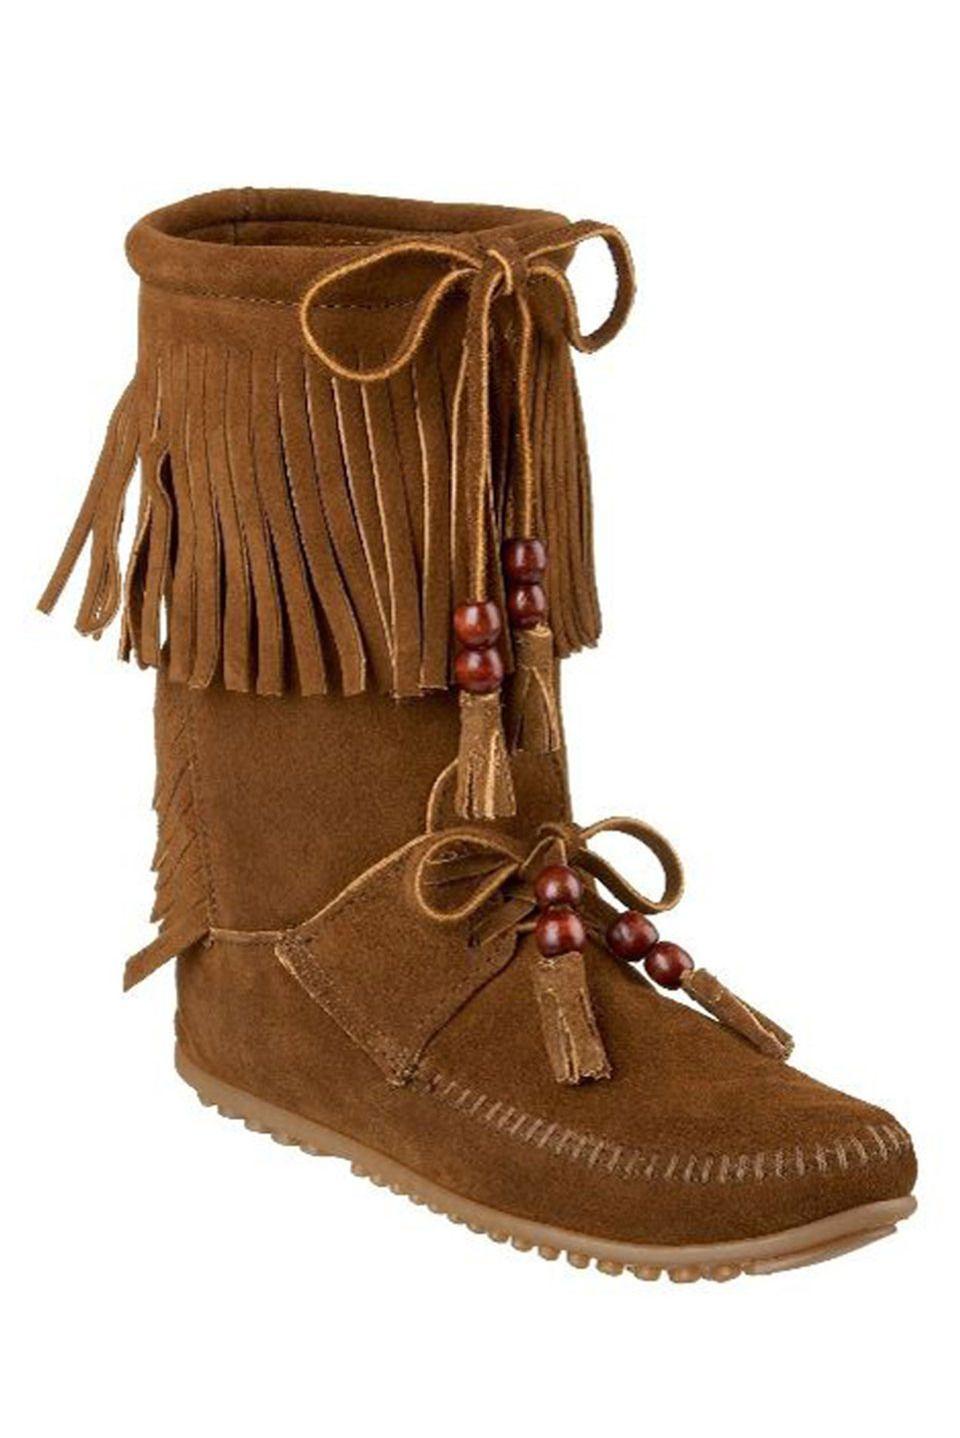 Minnetonka Woodstock Boot In Dusty Brown.